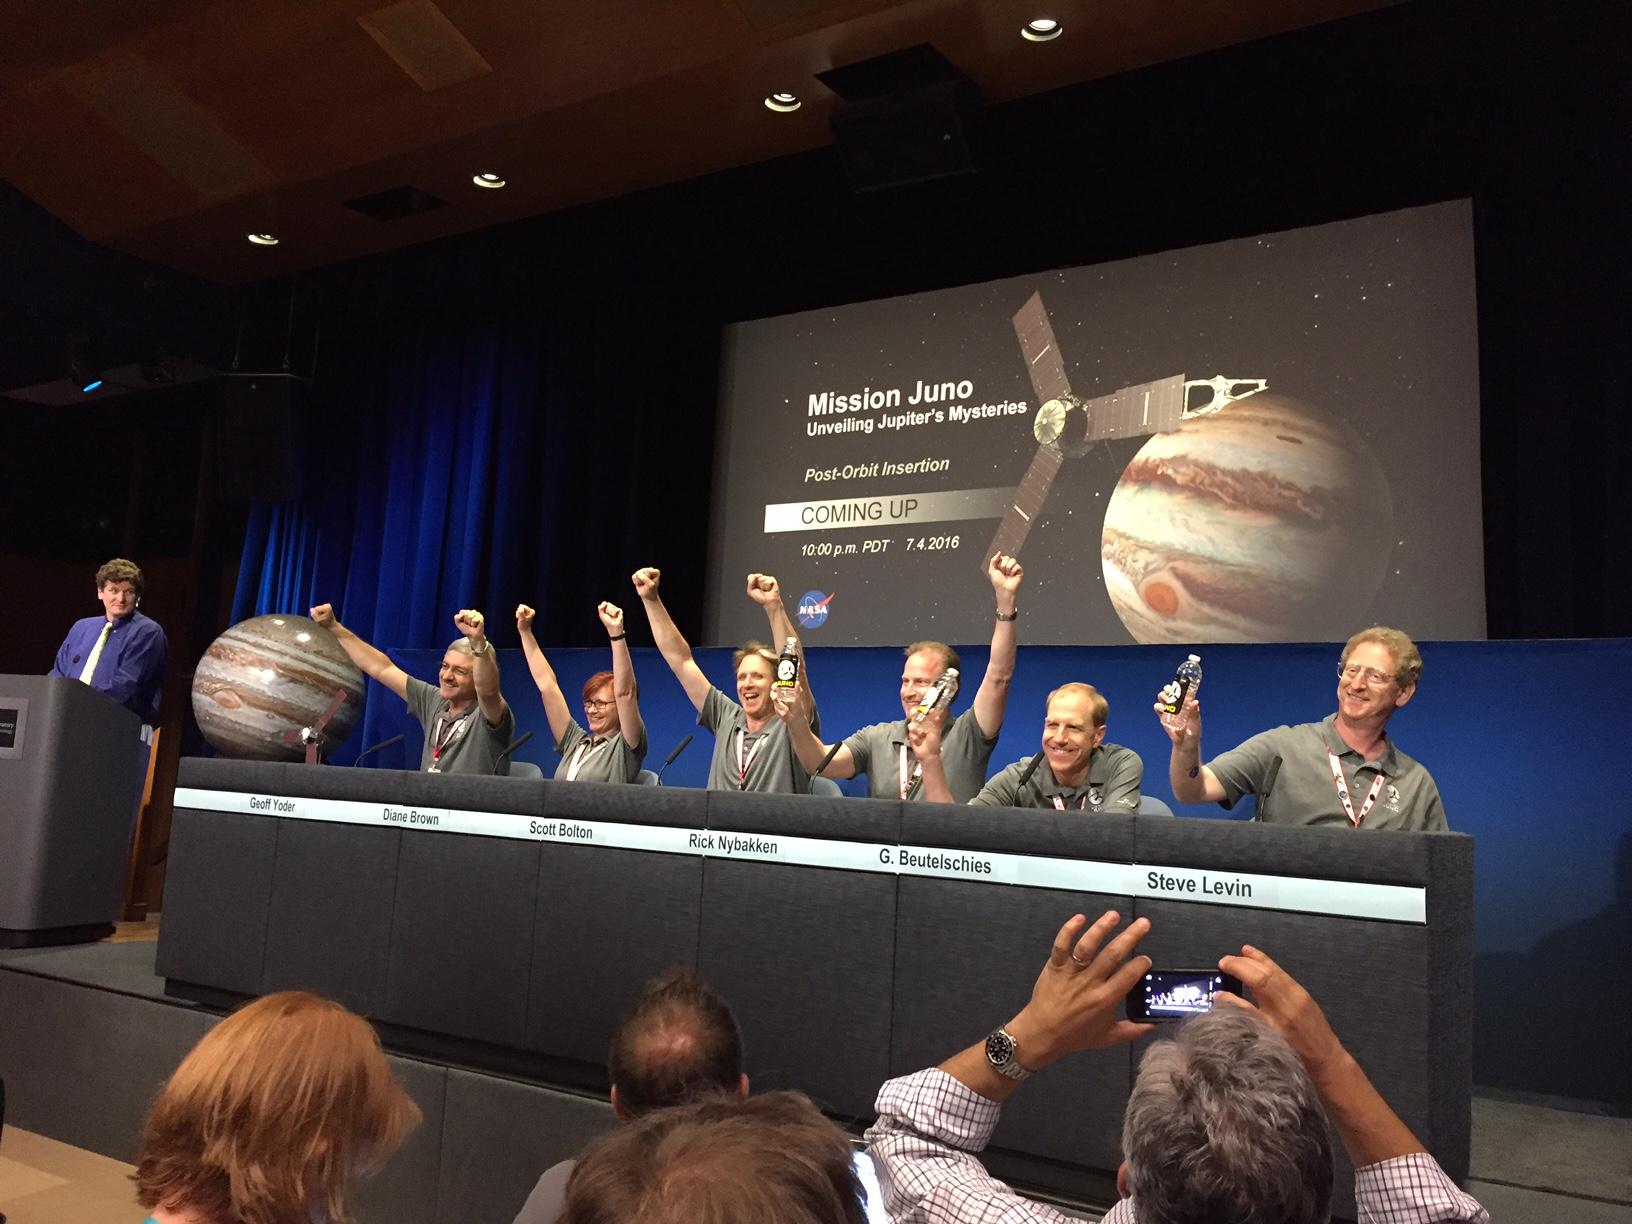 Juno Team Celebrates Jupiter Arrival, July 4, 2016